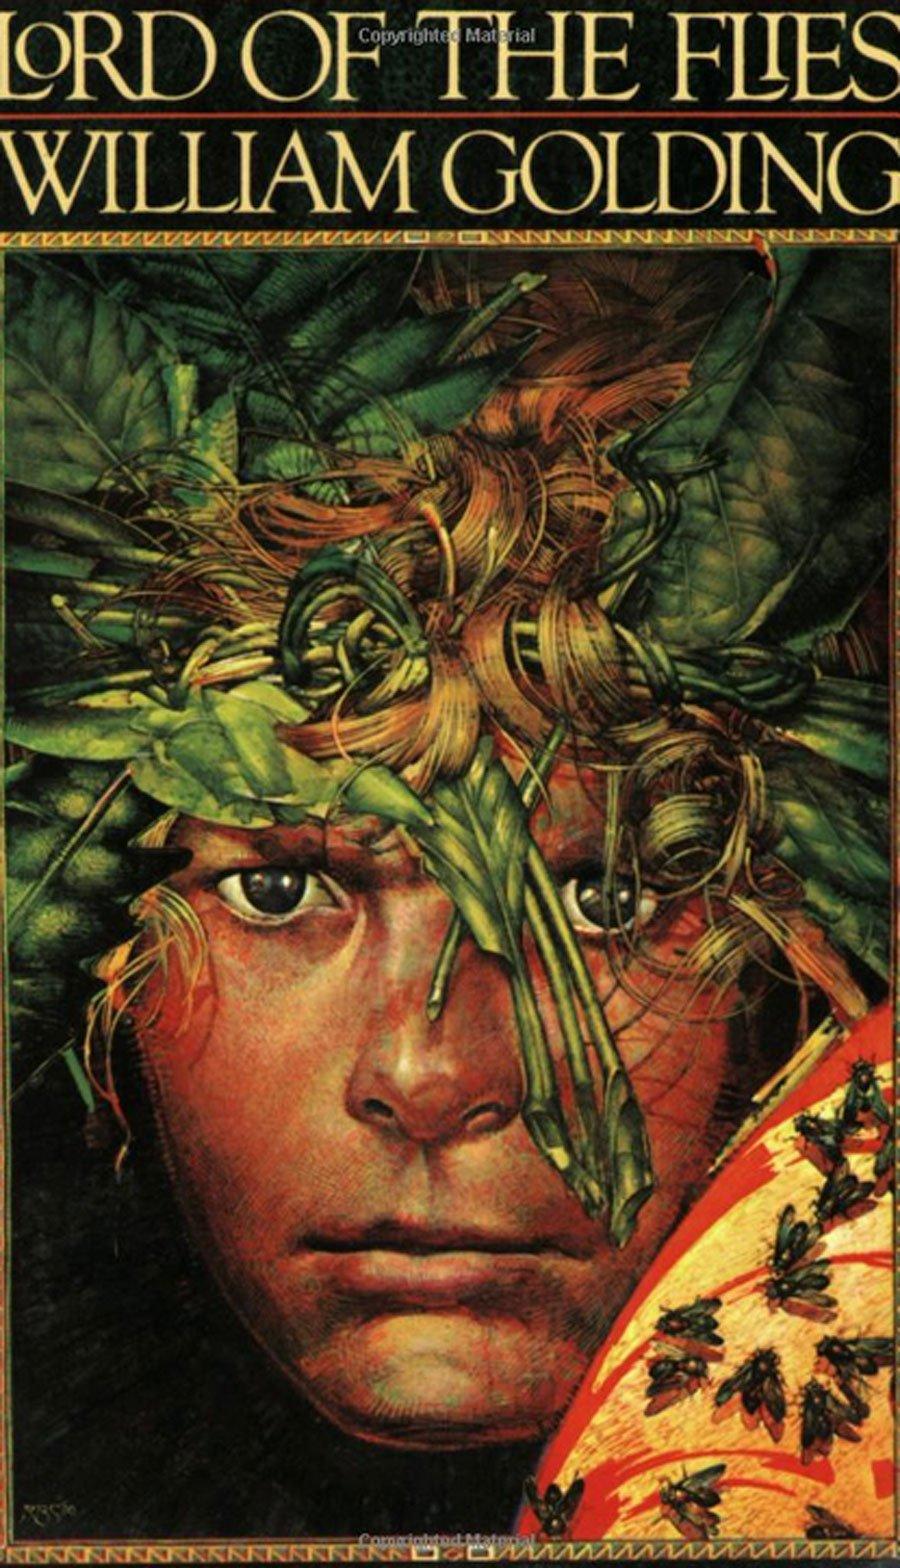 Аллегорический роман Уильяма Голдинга «Повелитель мух» стал бестселлером и вошёл в обязательную прог